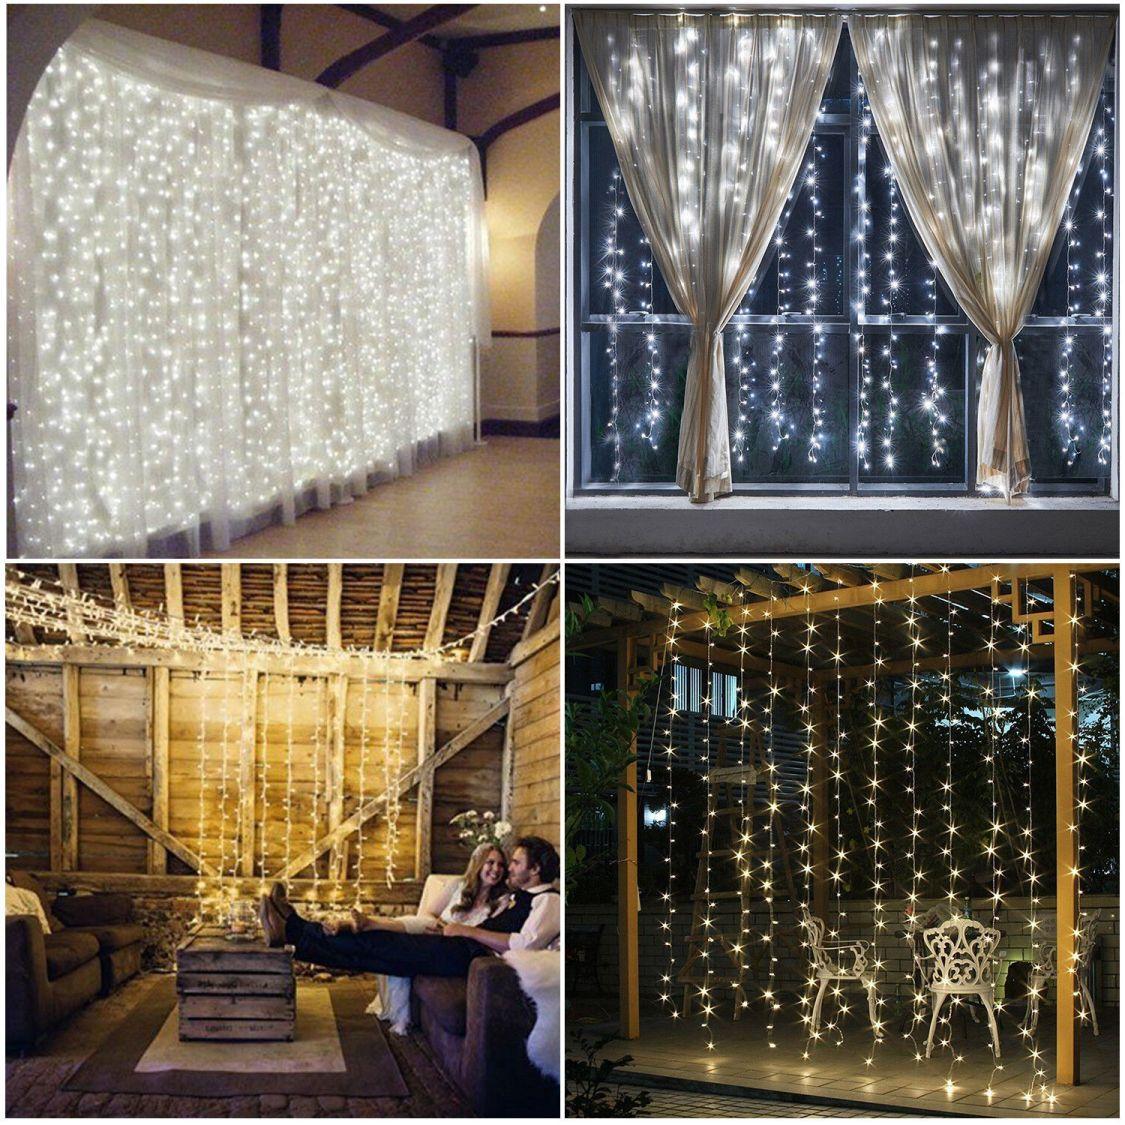 300 - 1500 LED Weihnachten Beleuchtung Vorhang Lichterkette Außen Lichtervorhang